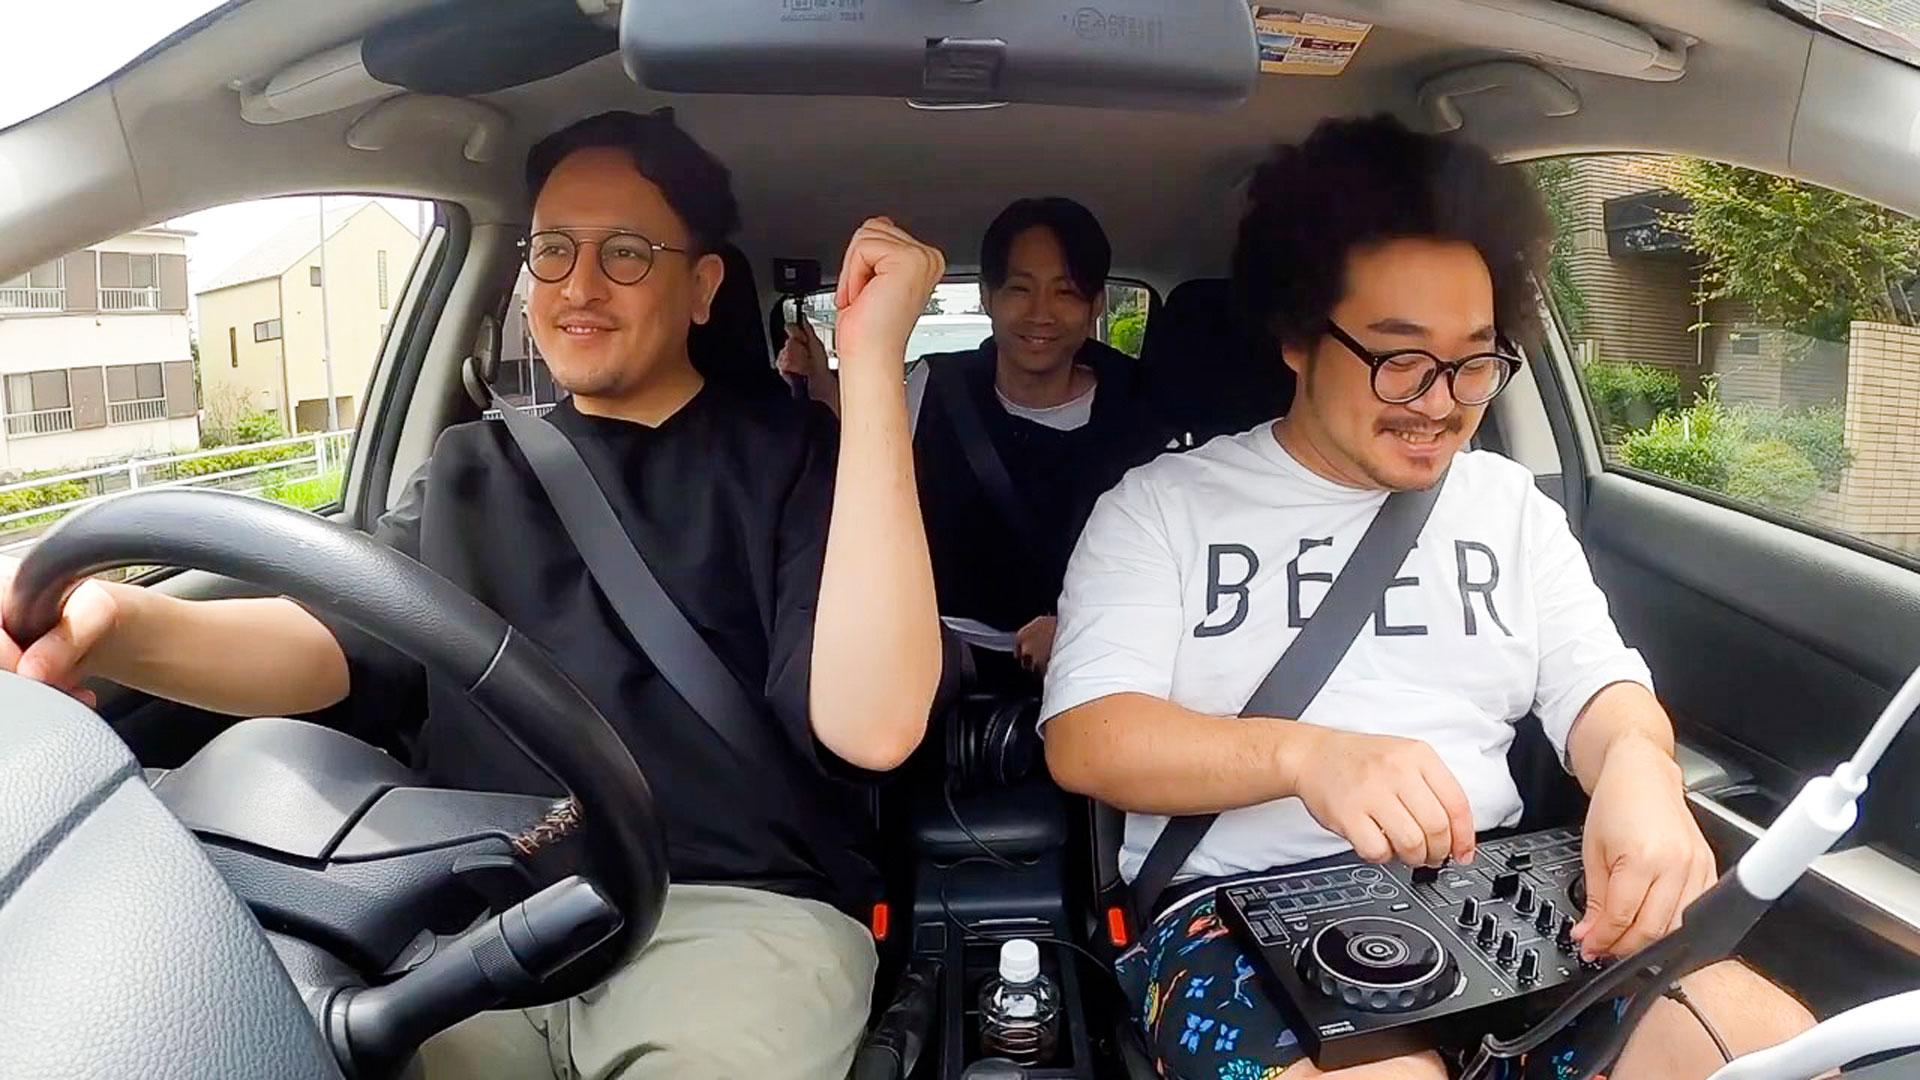 ニューノーマルなDJの可能性「DRIVE DJ」